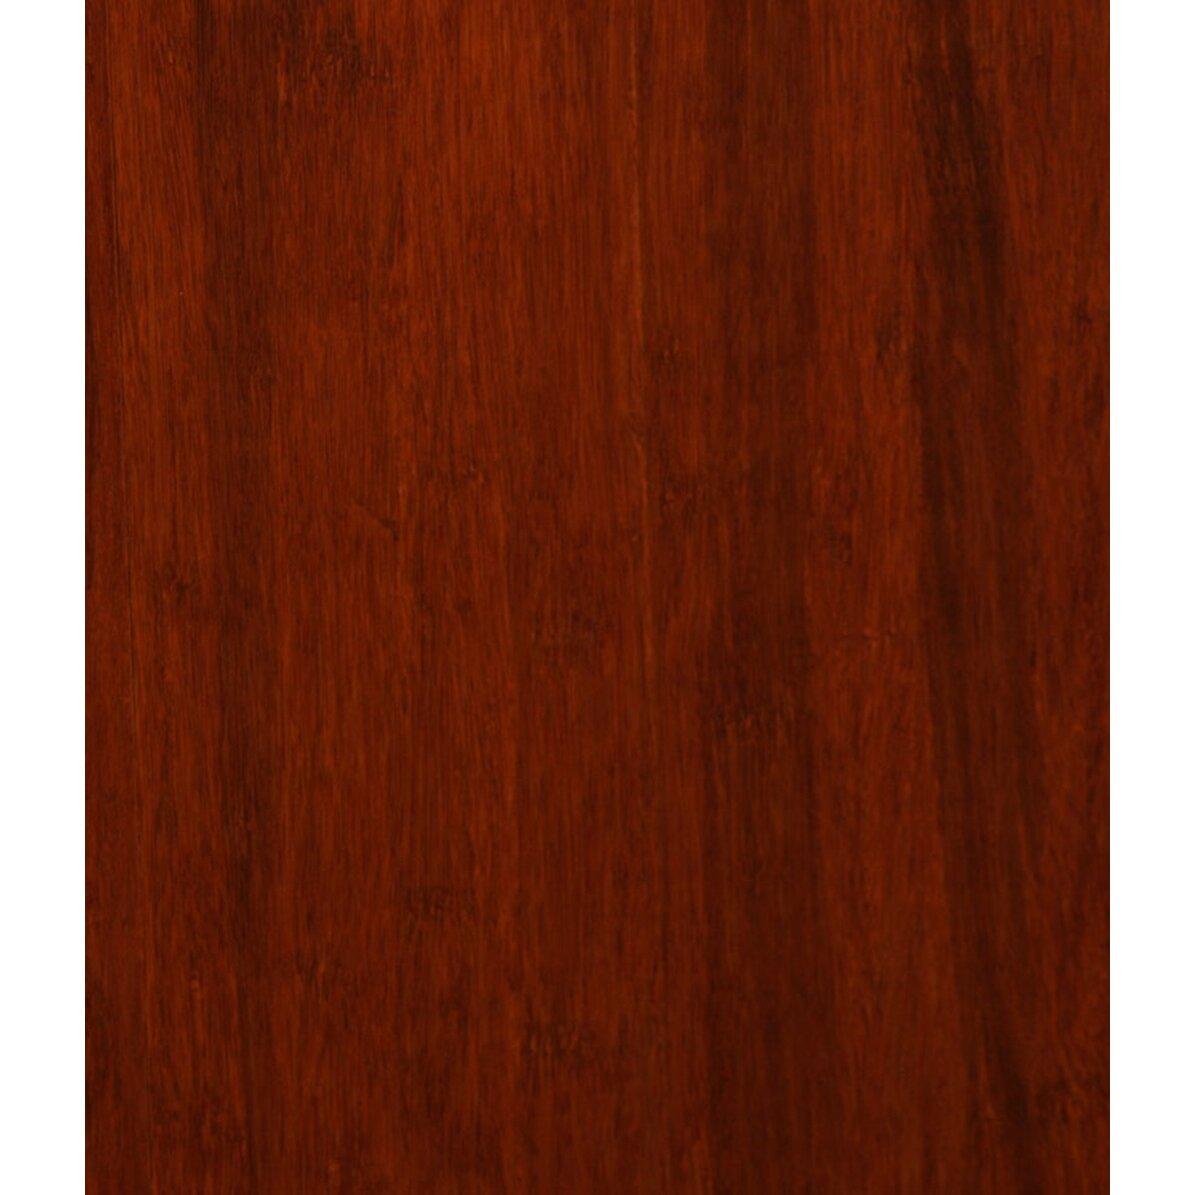 Islander flooring 3 5 8 solid bamboo hardwood flooring in for Bamboo hardwood flooring